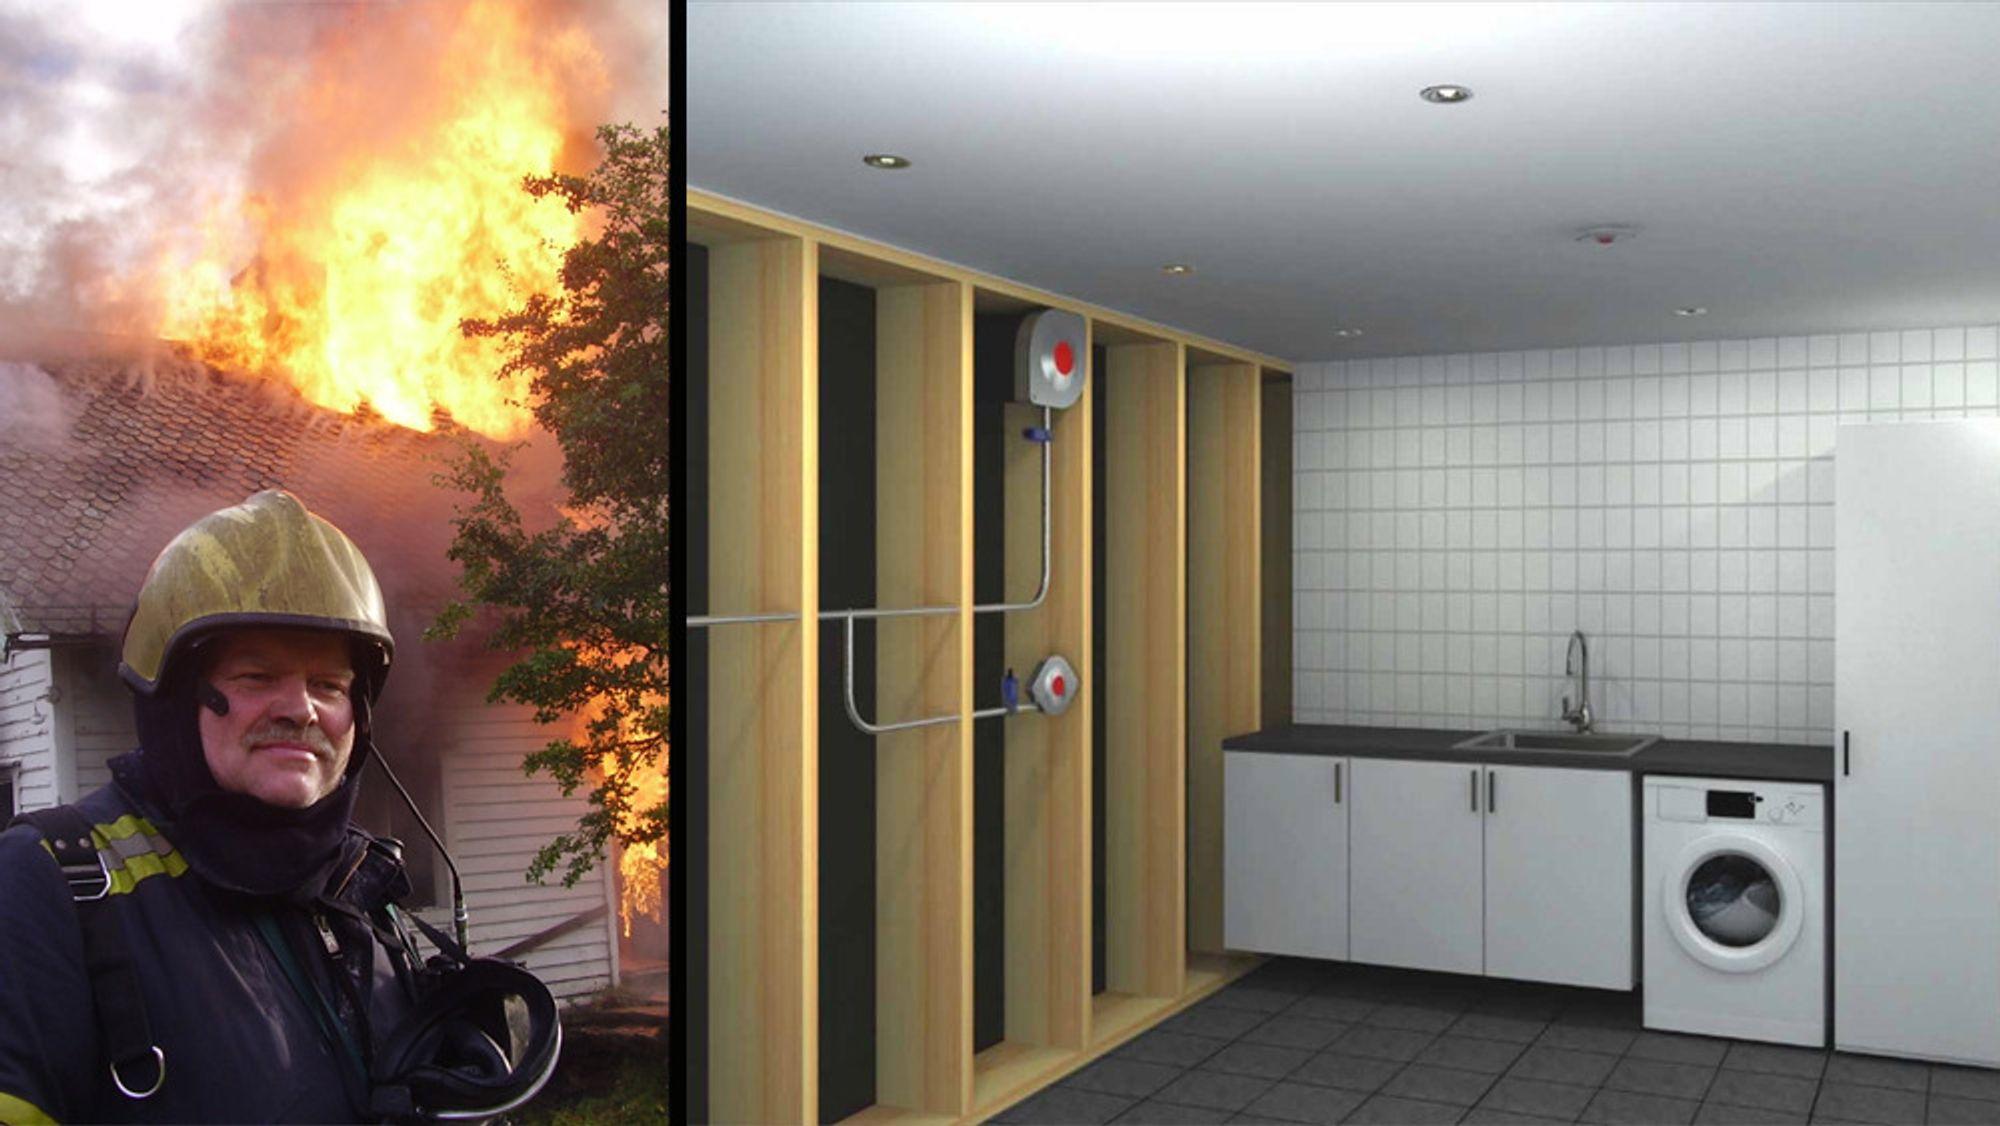 Systemet til brannmann Trond Fiskaa fungerer ved at utsugingsdysen øverst på veggen trekker røyken ut av rommet. Den nederste dysen blåser ut tåke, altså luft med høy fuktighet. Slik hindrer det brannen i å spres.